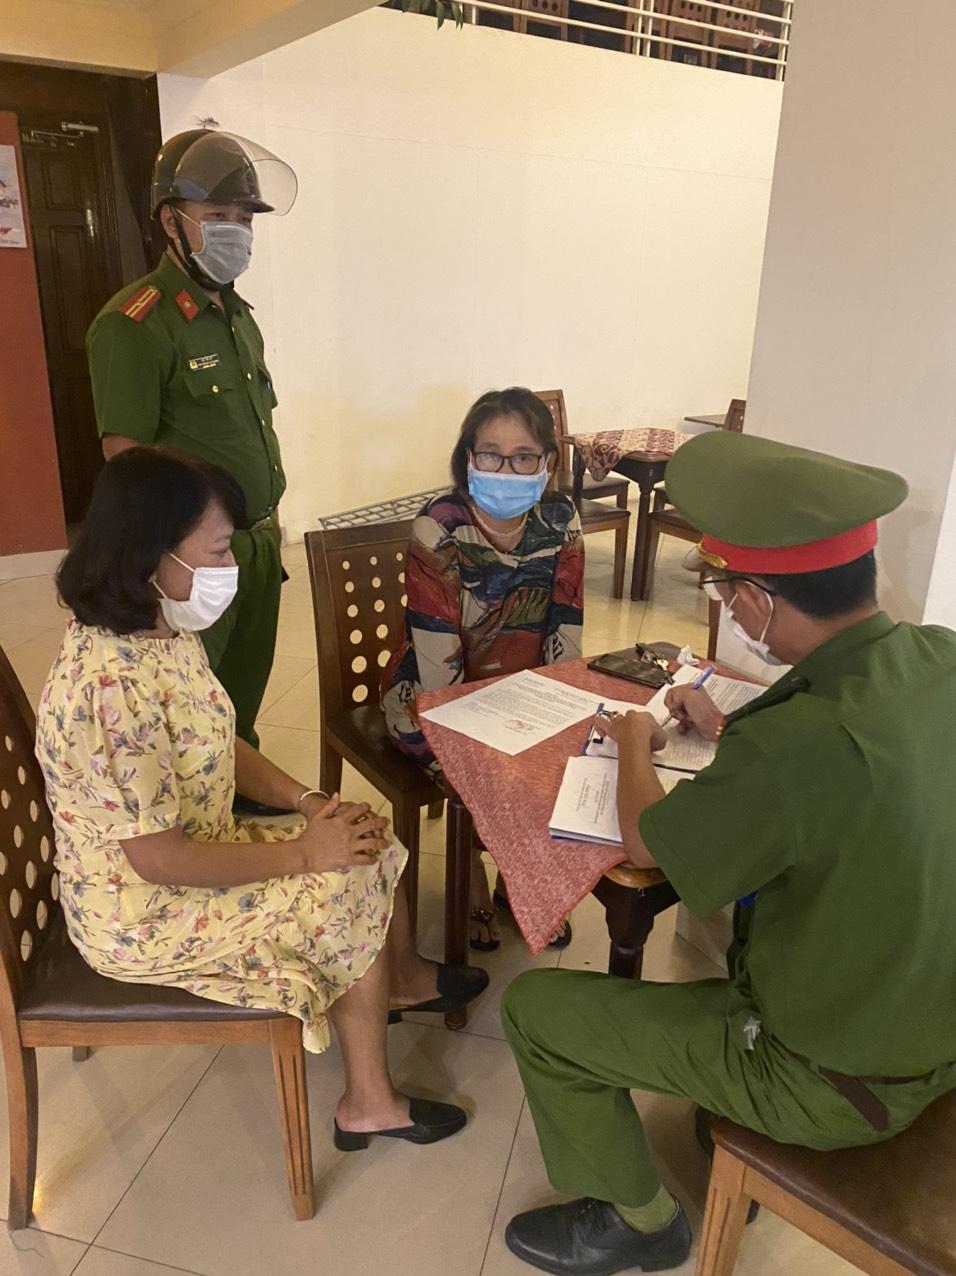 Công an phường Xuân Phú cùng lãnh đạo UBND phường đã kịp thời phát hiện, lập biên bản vi phạm chủ quán cafe Relax, địa chỉ 179 Bà Triệu